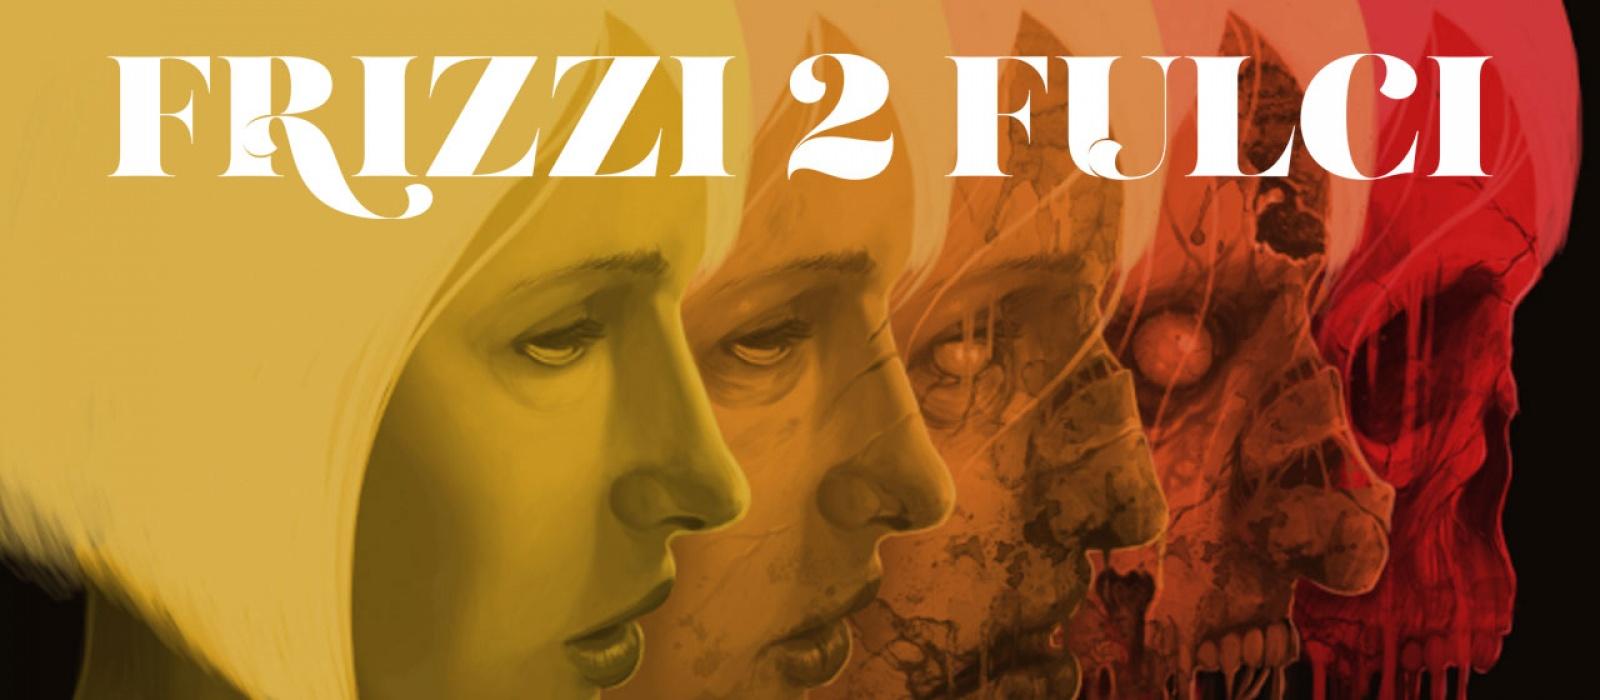 Frizzi 2 Fulci Live